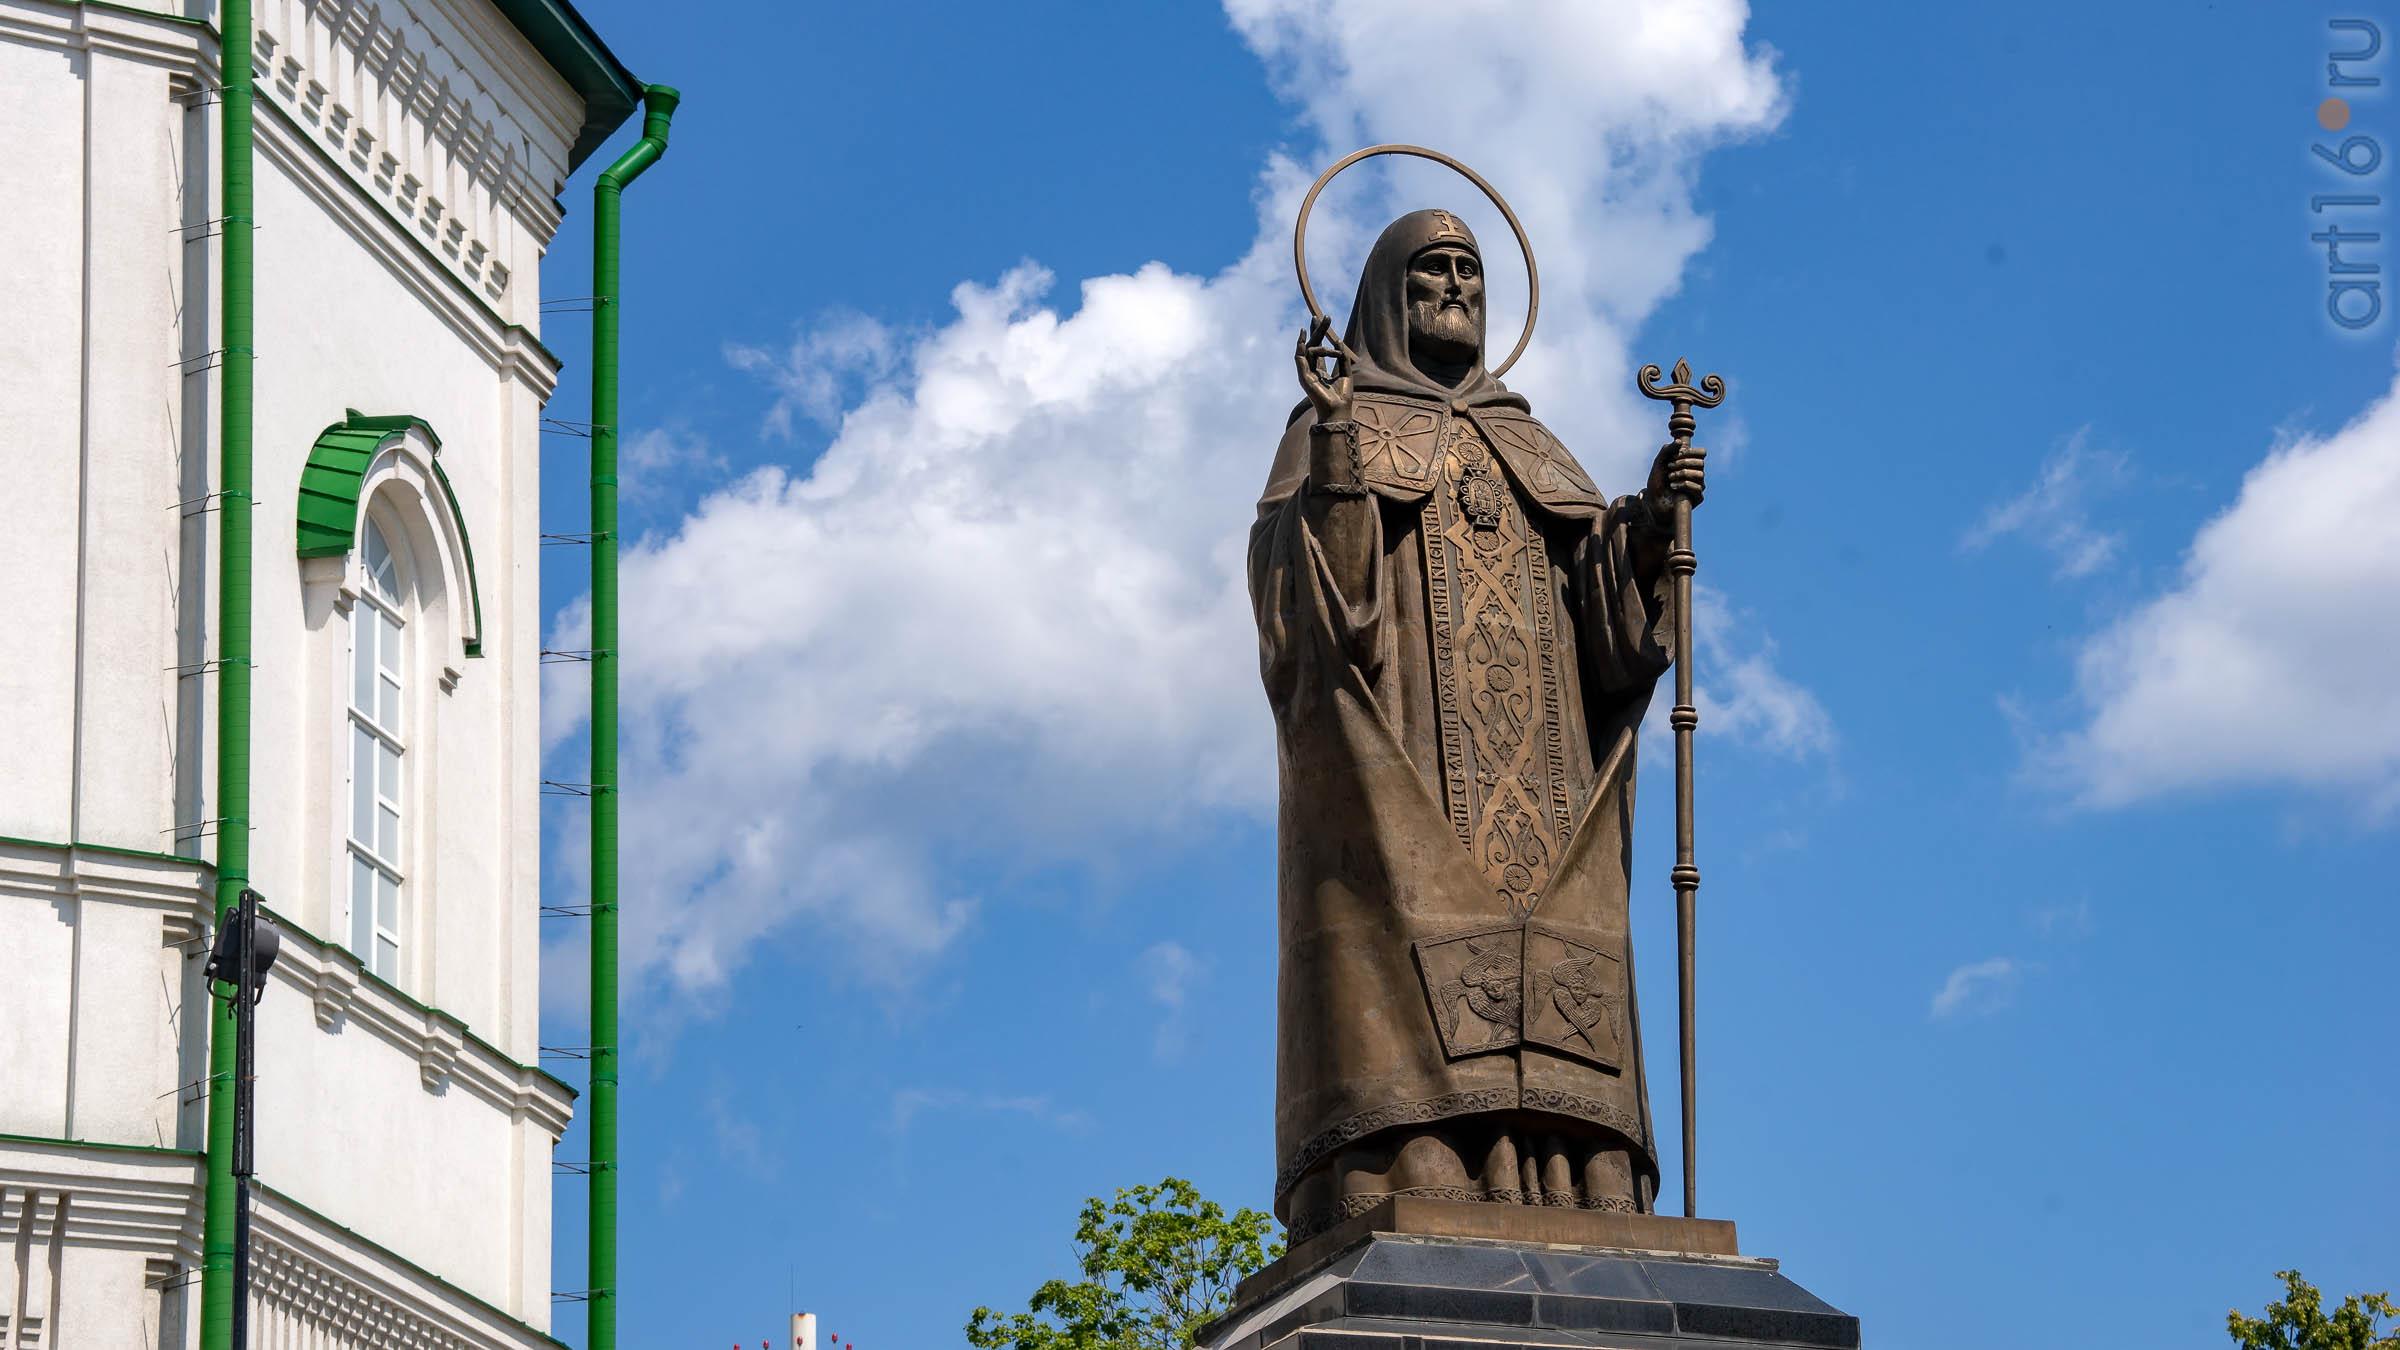 Памятник первому воронежскому епископу Митрофану::Воронеж 20.07.2019